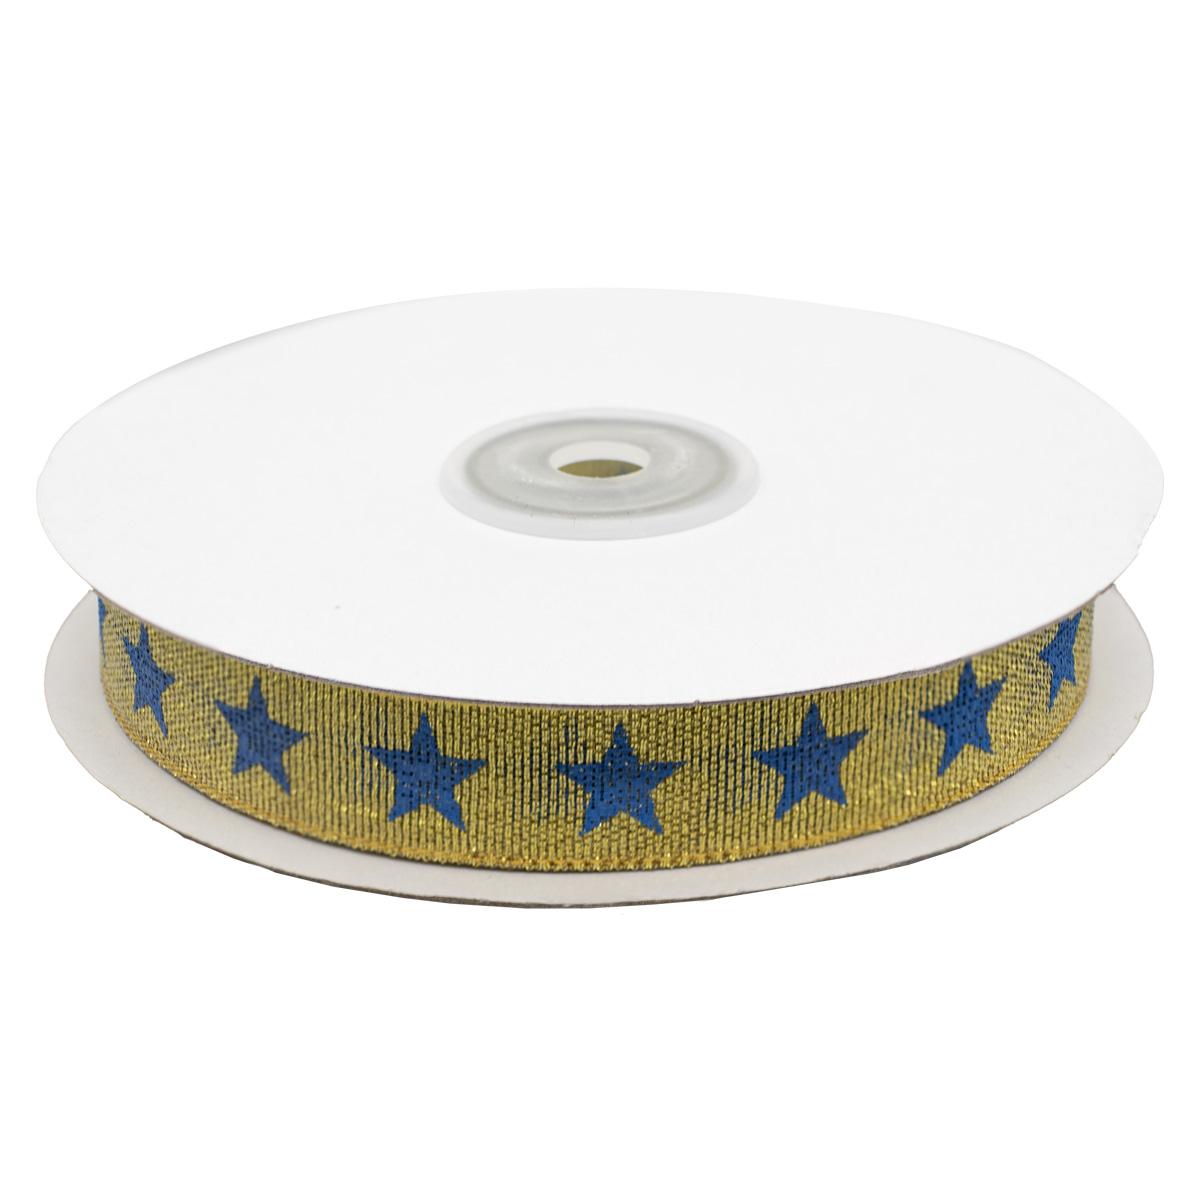 Декоративная лента 'Звезды', DM-001, 15 мм*32,9м золото/синий